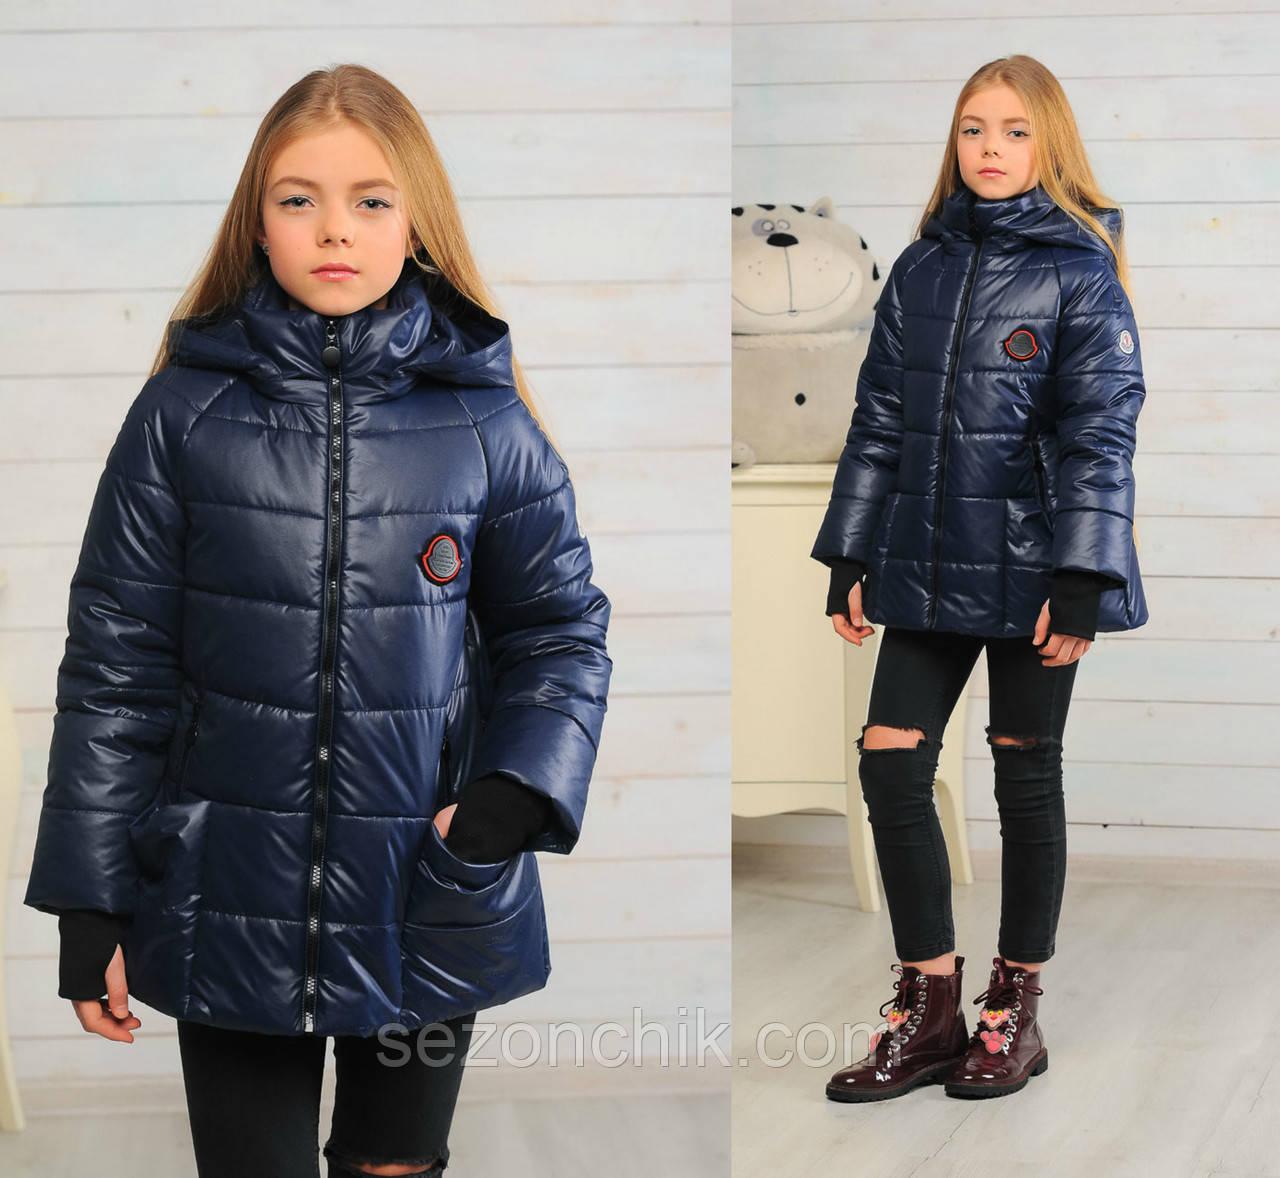 Стильные детские модные куртки на девочек